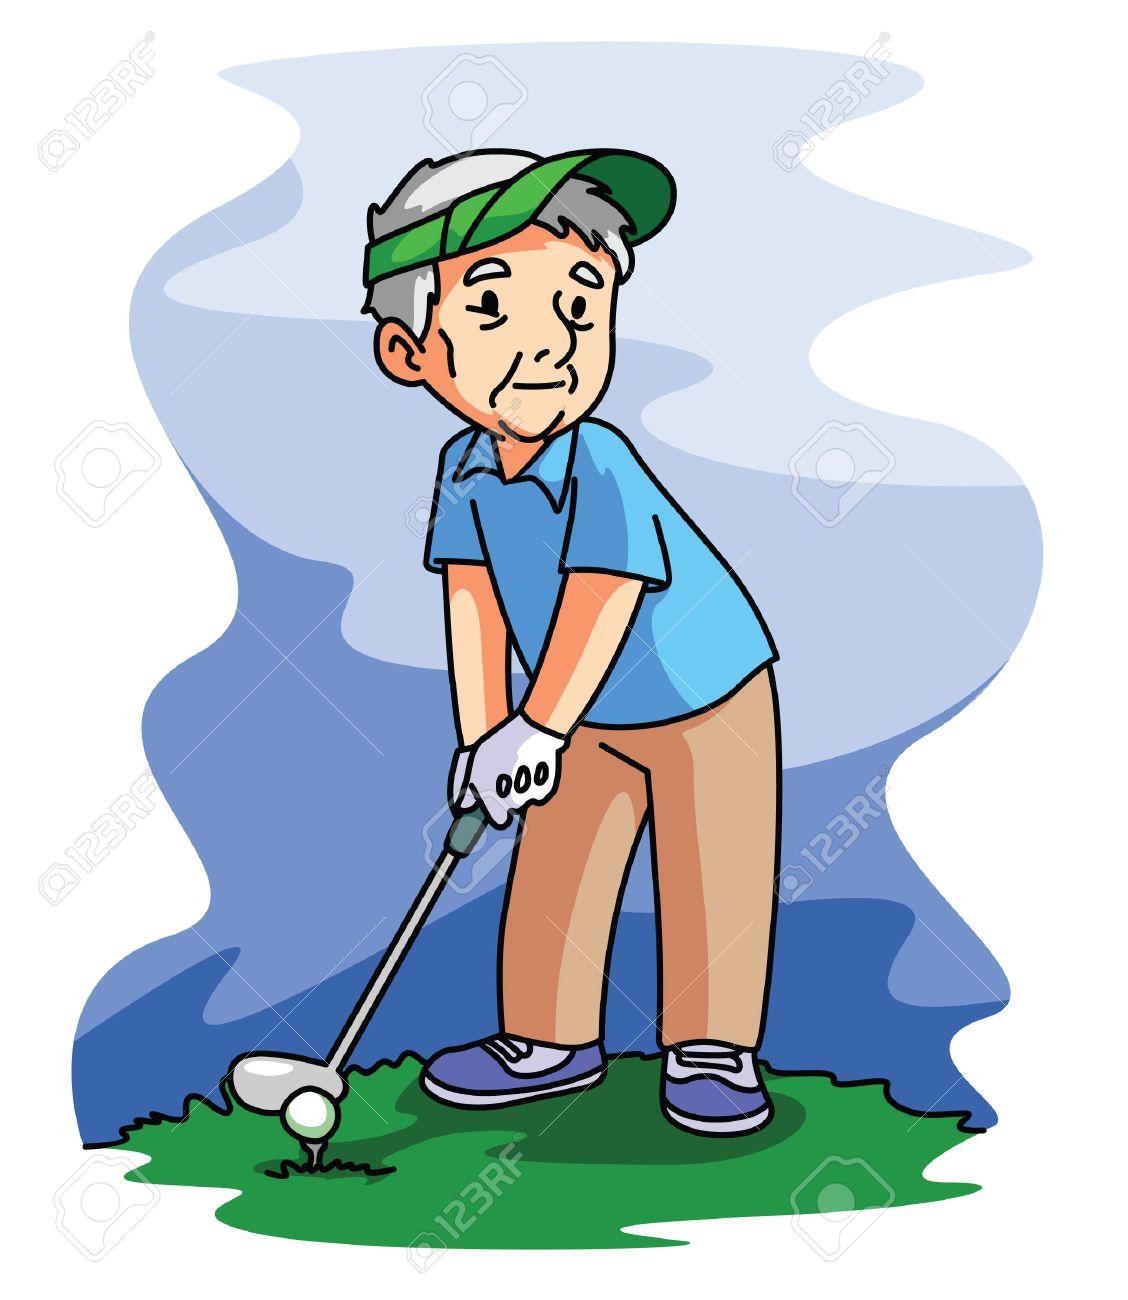 Resultado de imagen para jugar golf animado